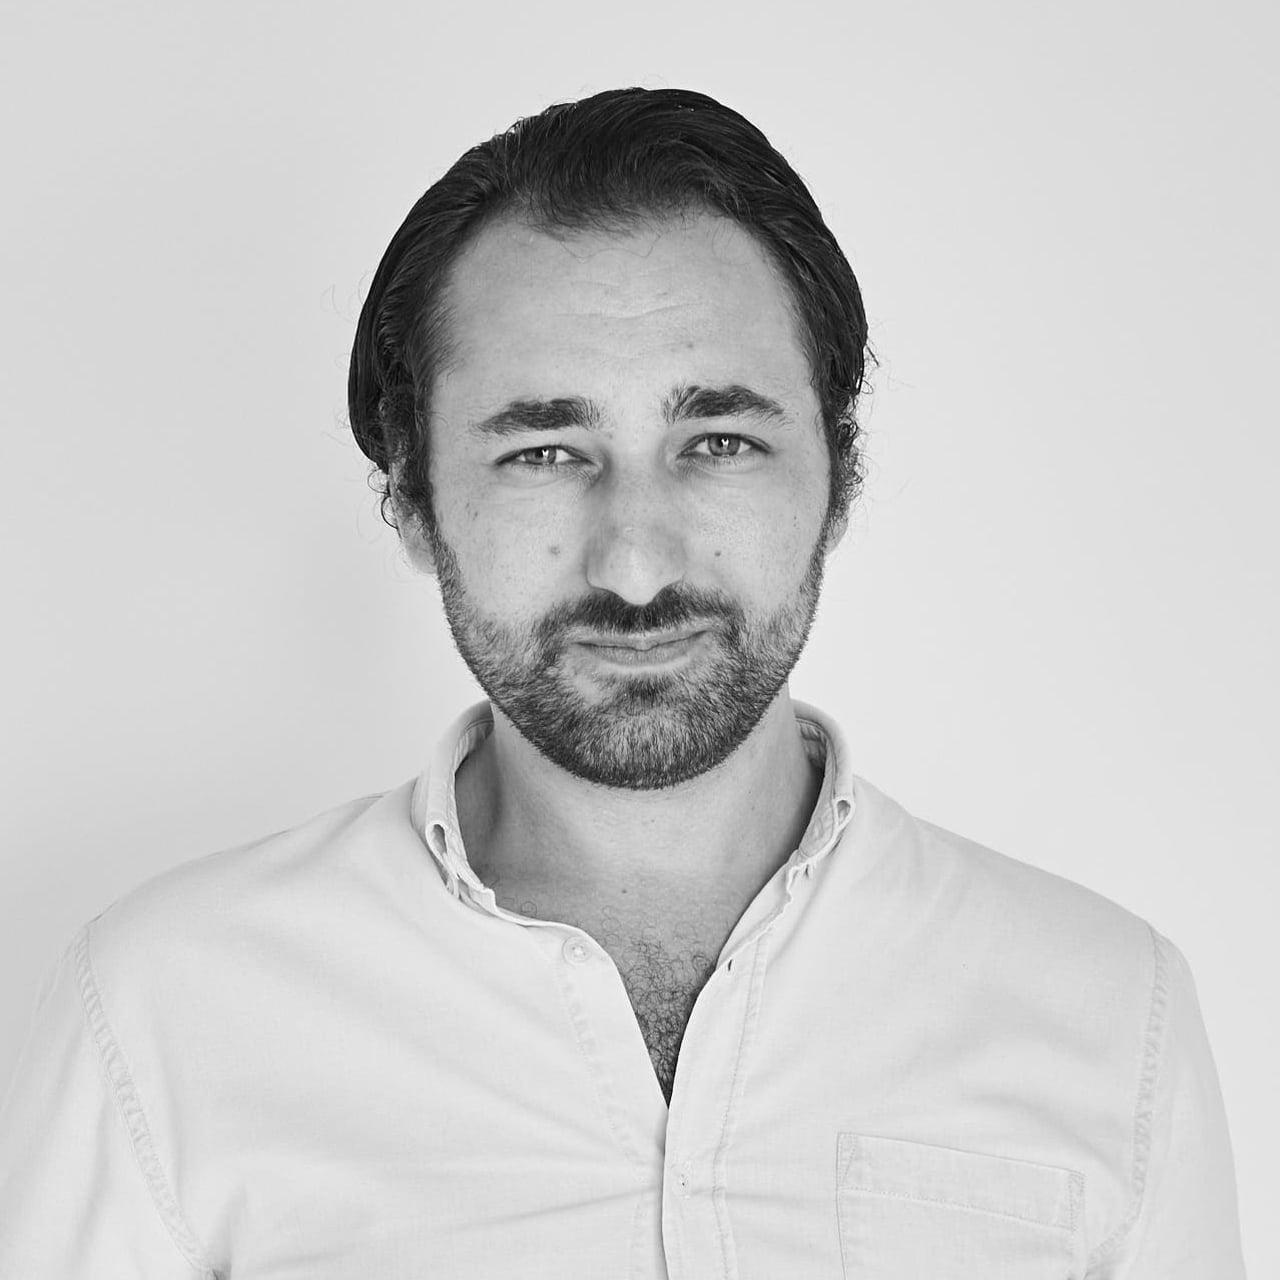 Adrien Touati